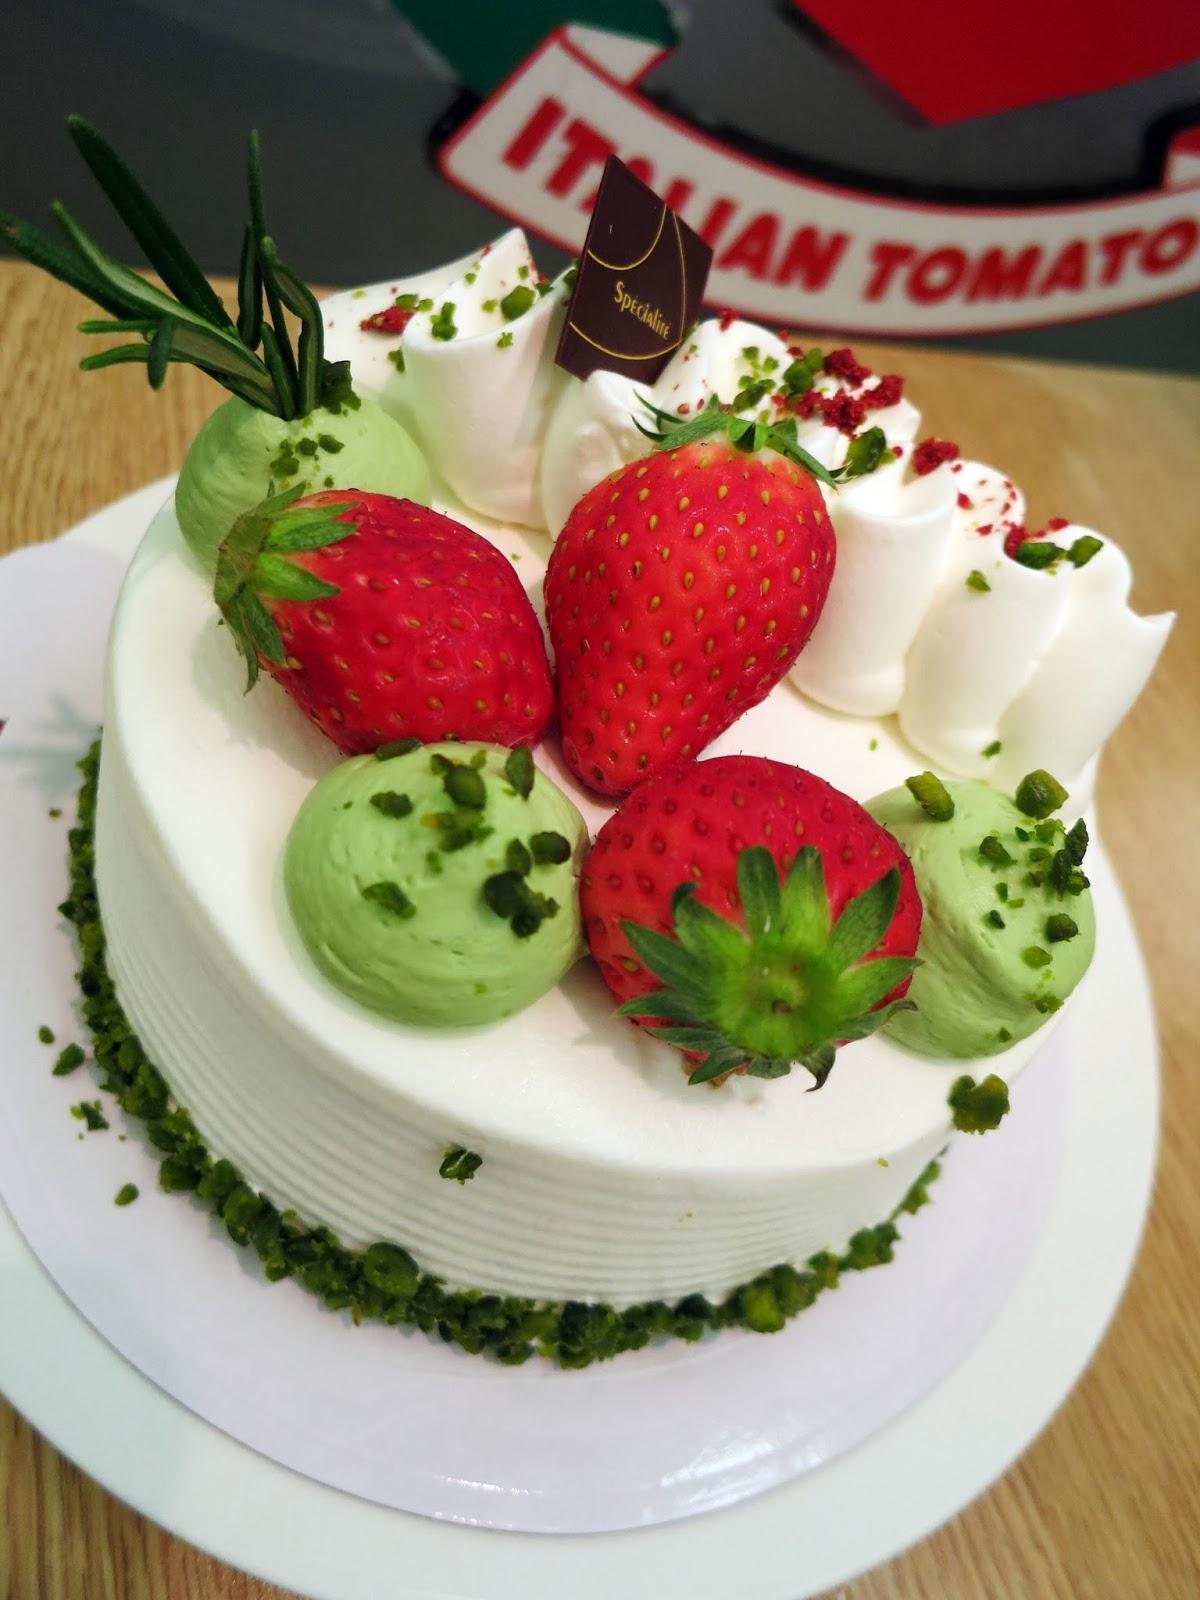 甜魔媽媽新天地: 小淇同小吉好重要 ~ HMY同吃Italian Tomato日本莓甜品